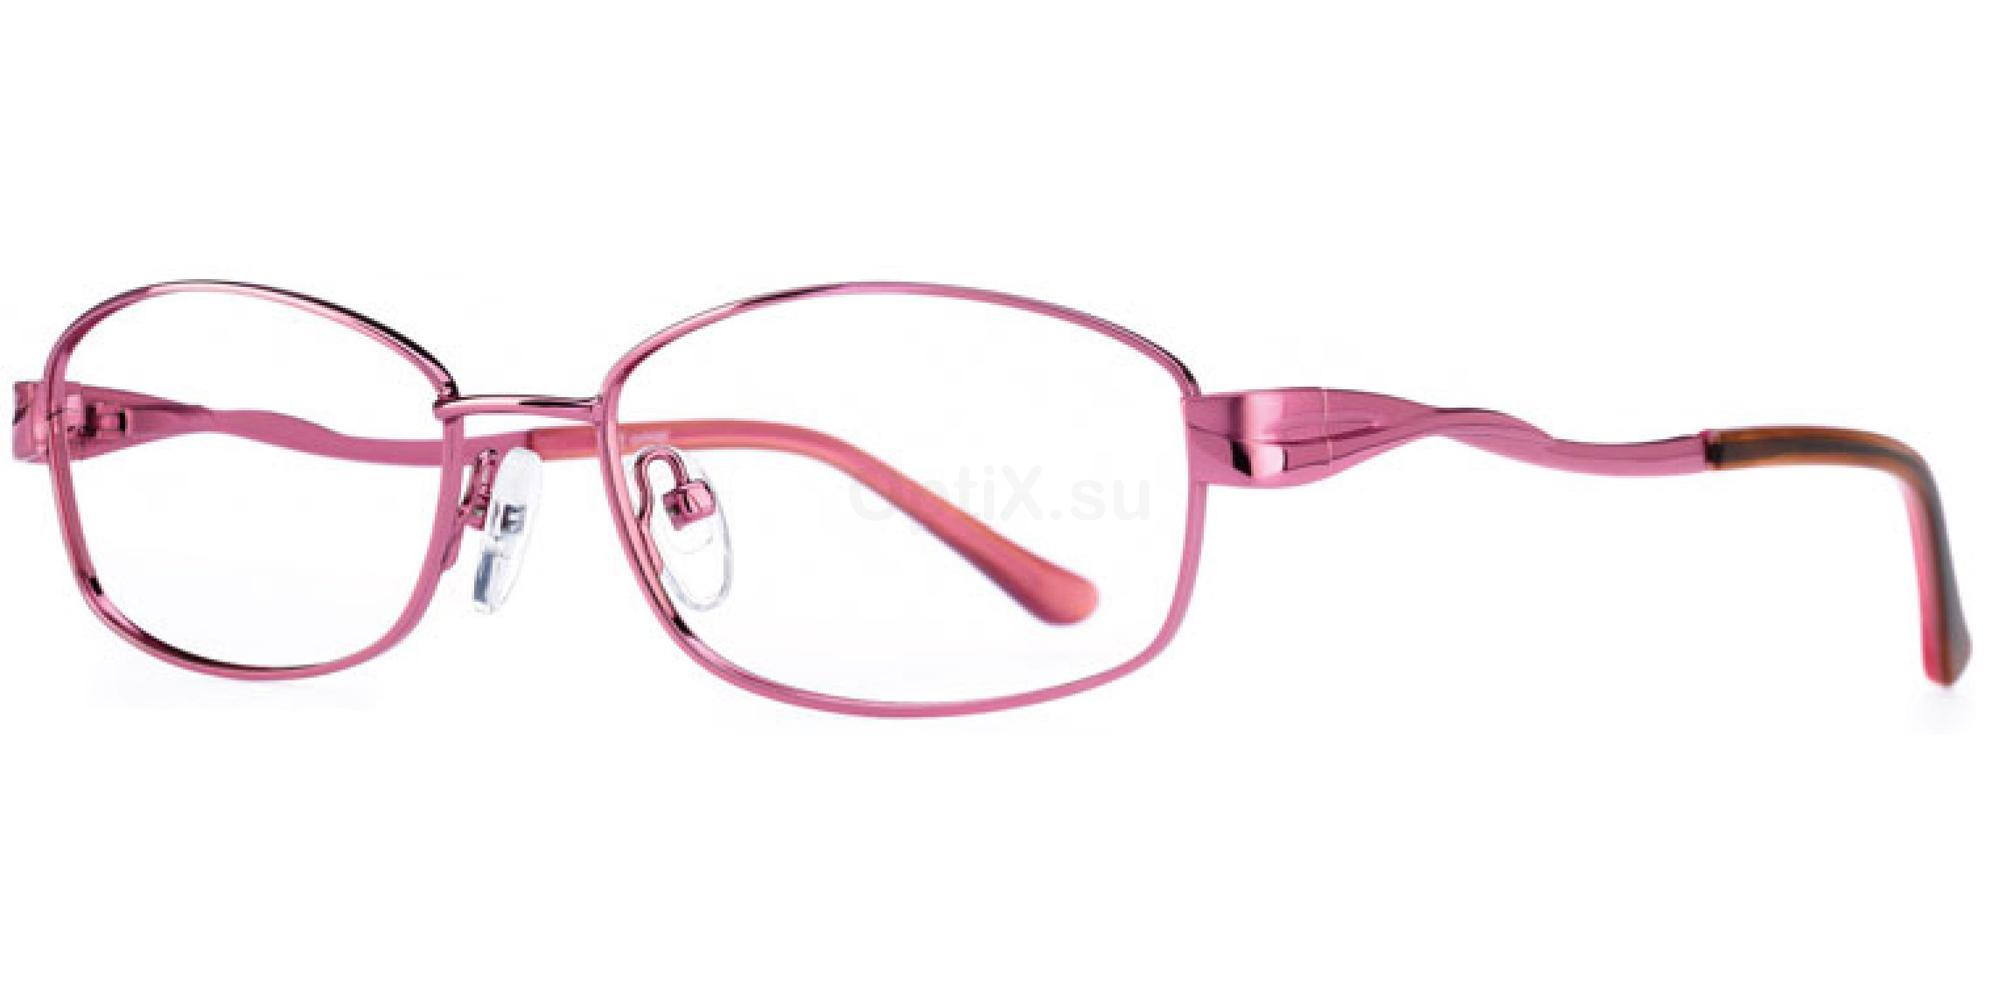 C1 Icy 771 , Icy Eyewear - Metals